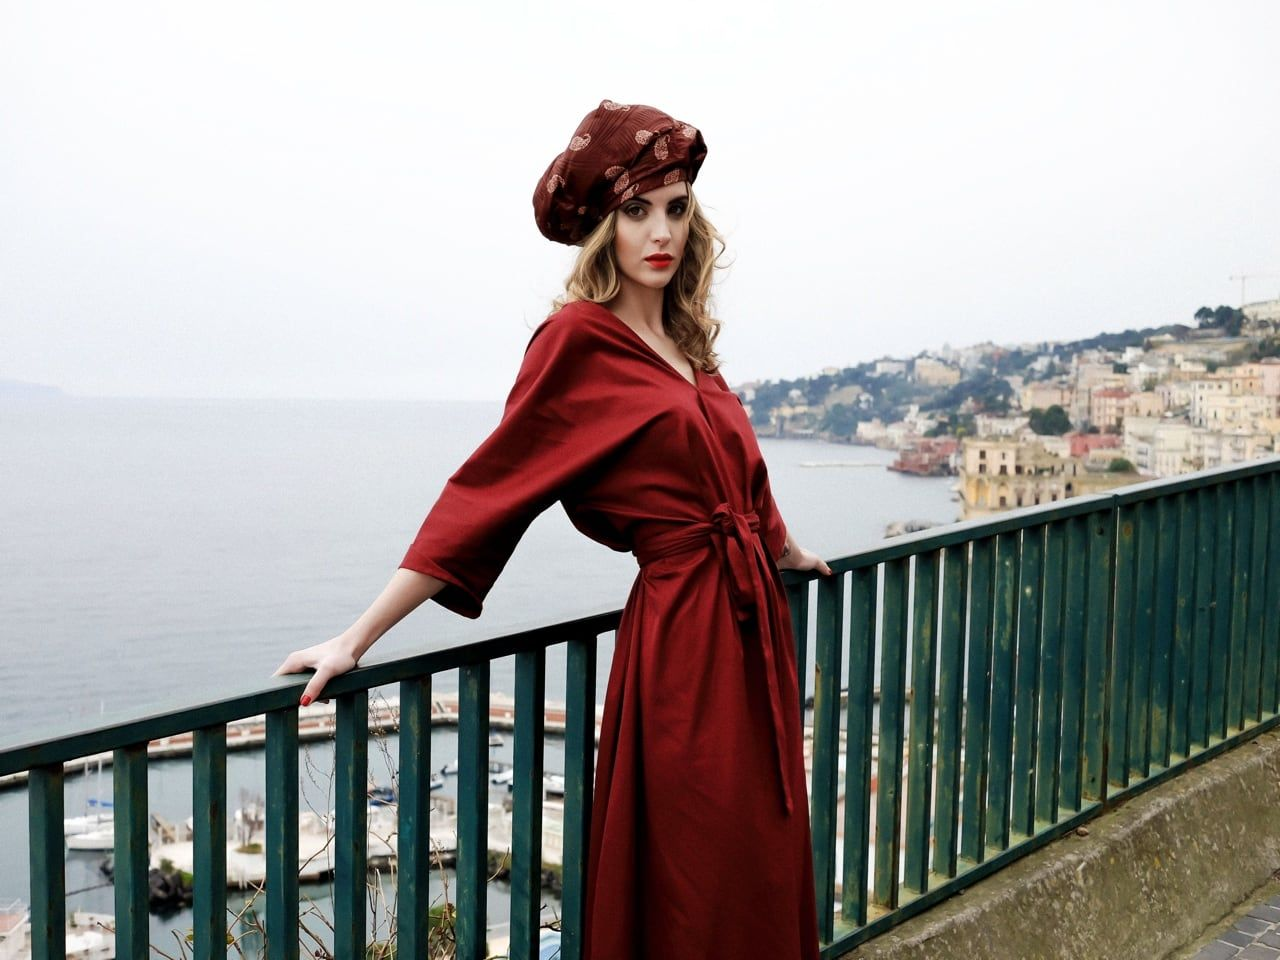 Intervista agli stilisti di Pentatonica, Napoli capitale della moda-1